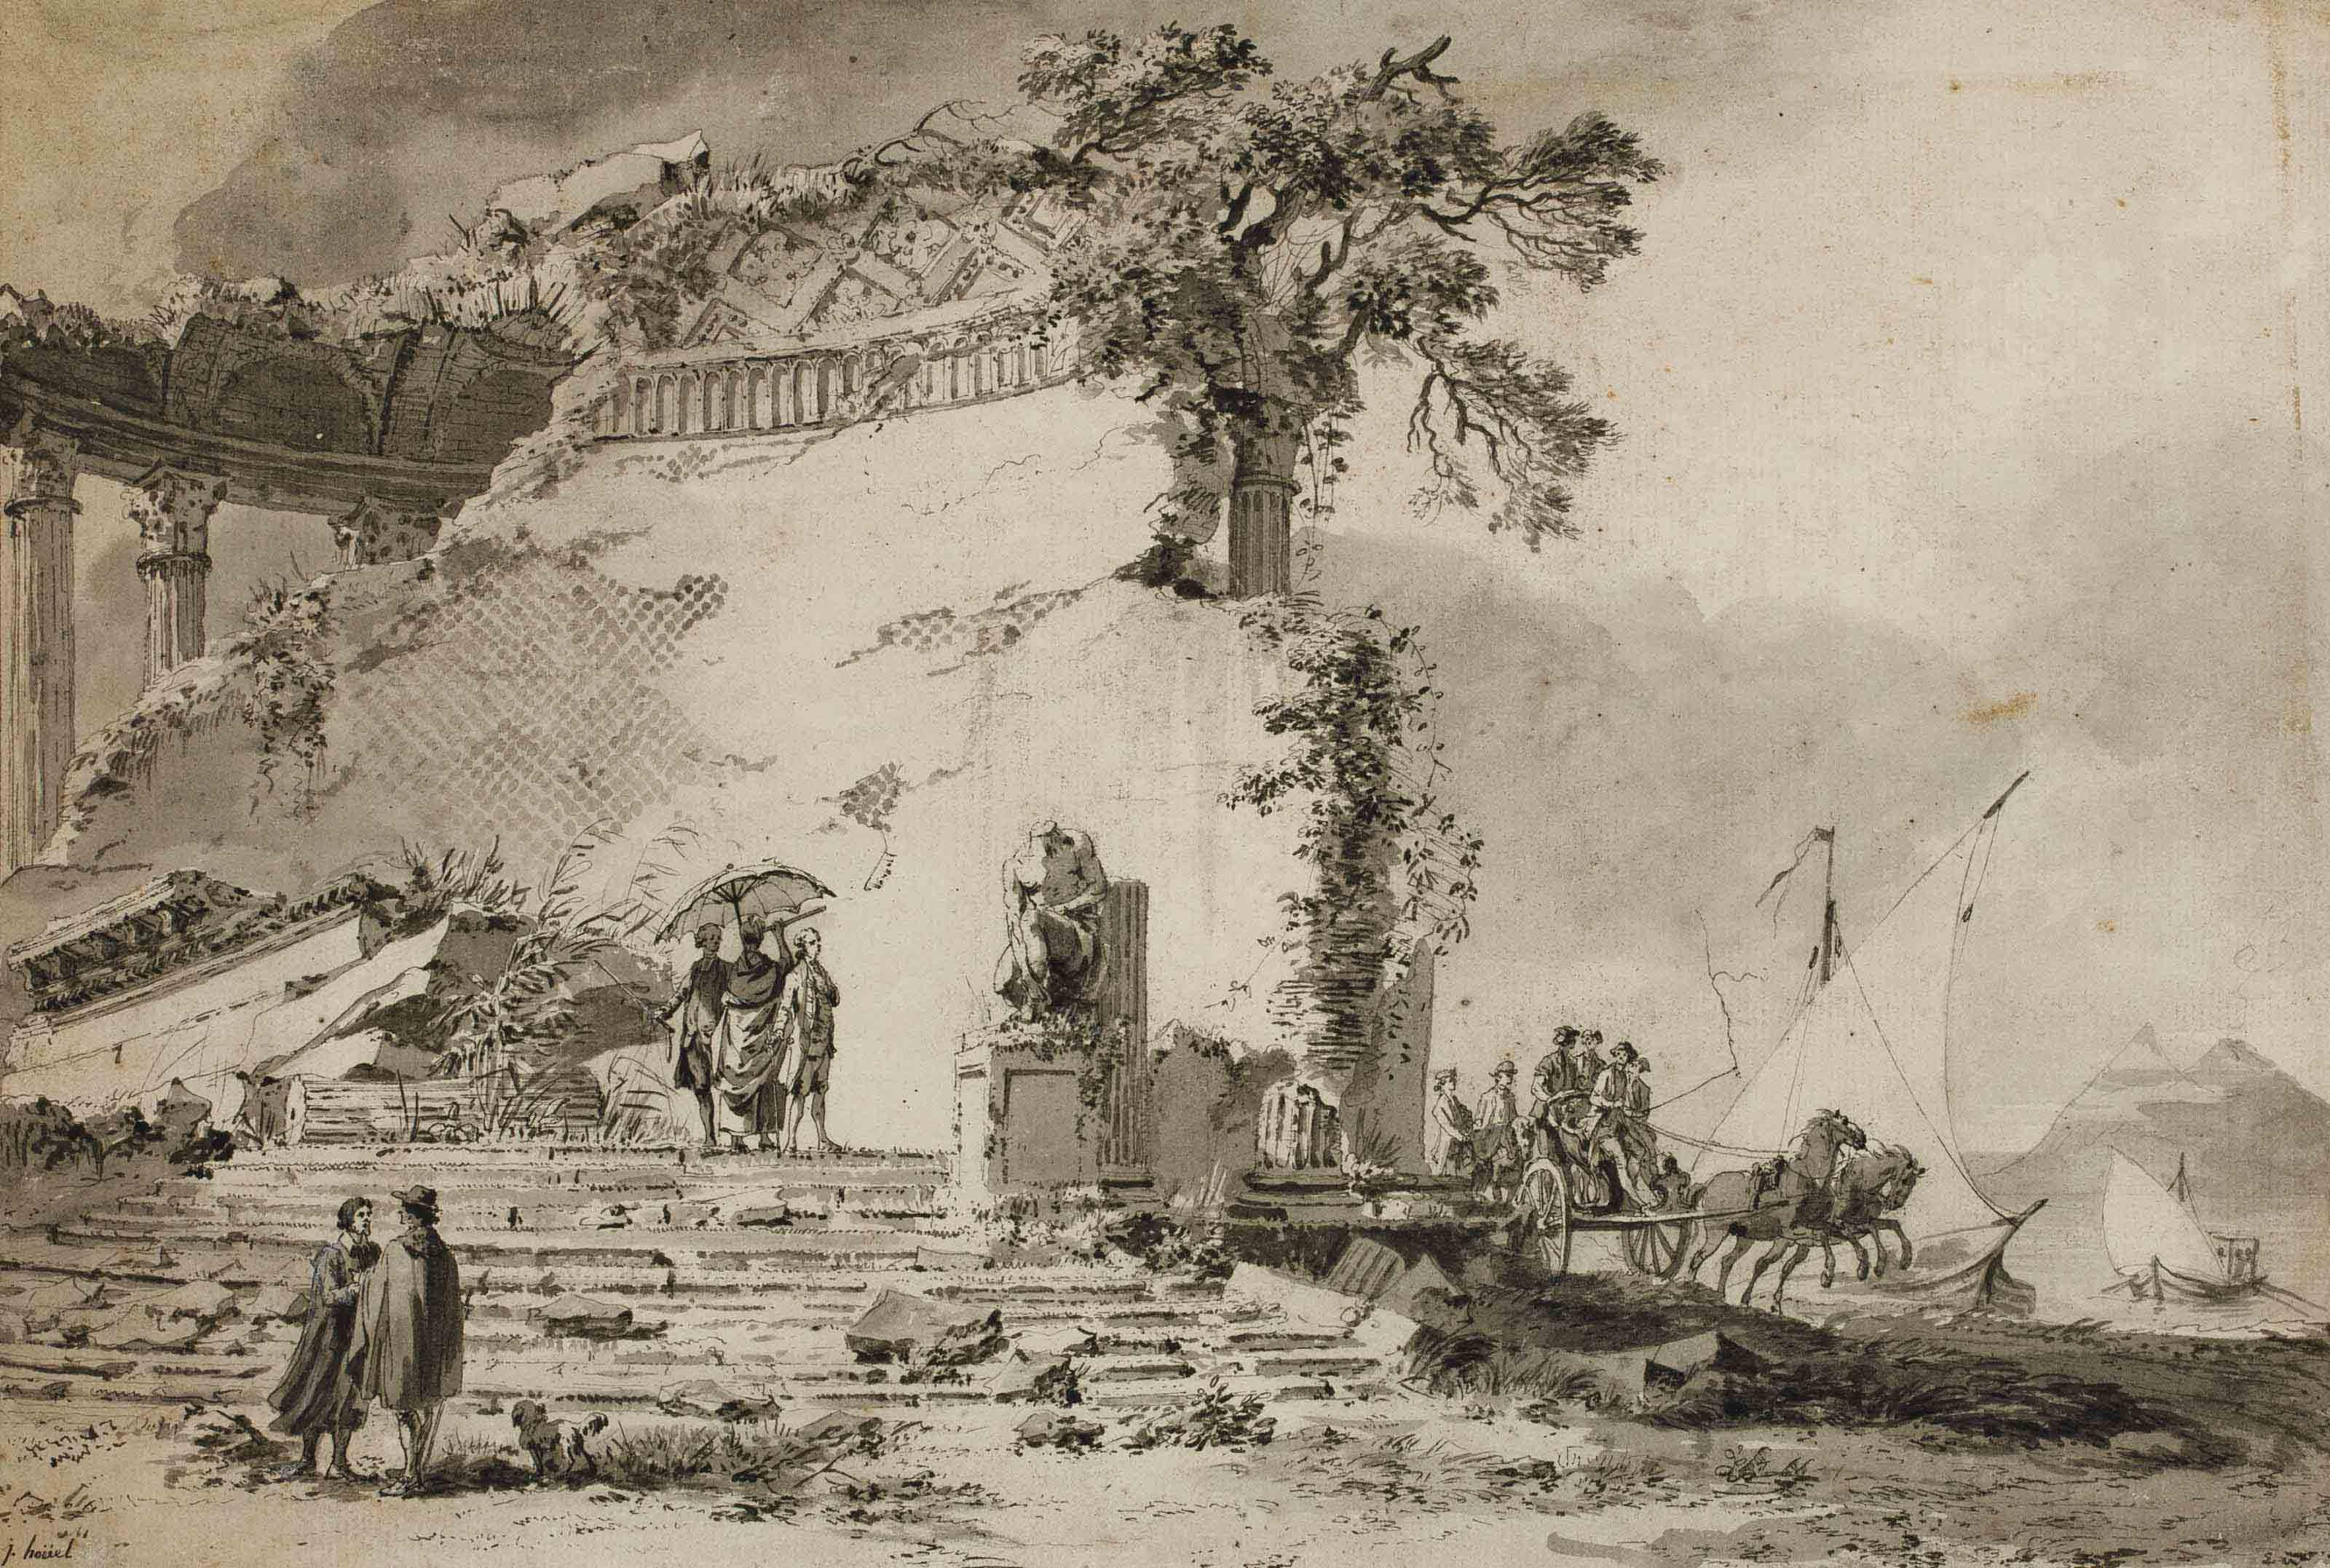 Scène imaginaire au milieu de ruines